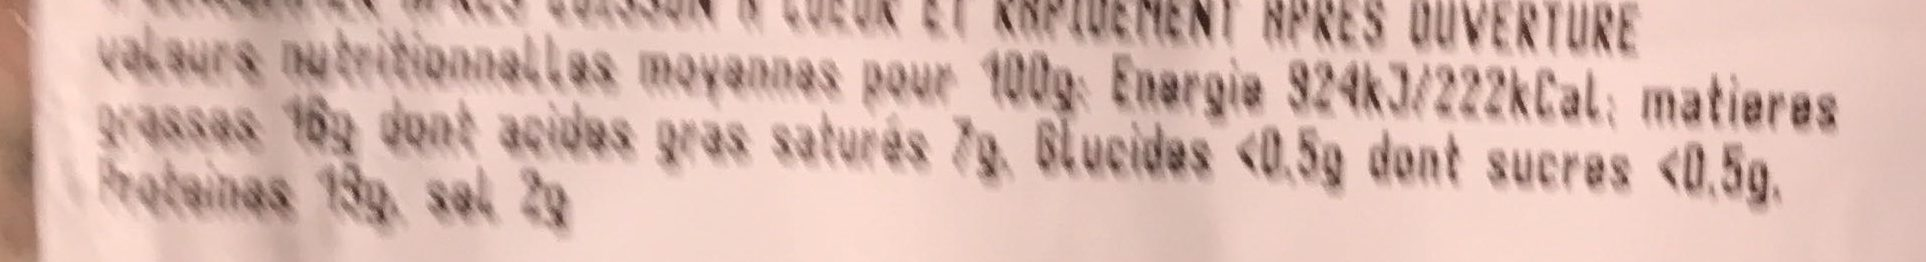 Andouillettes Grillées aux Herbes - Nutrition facts - fr